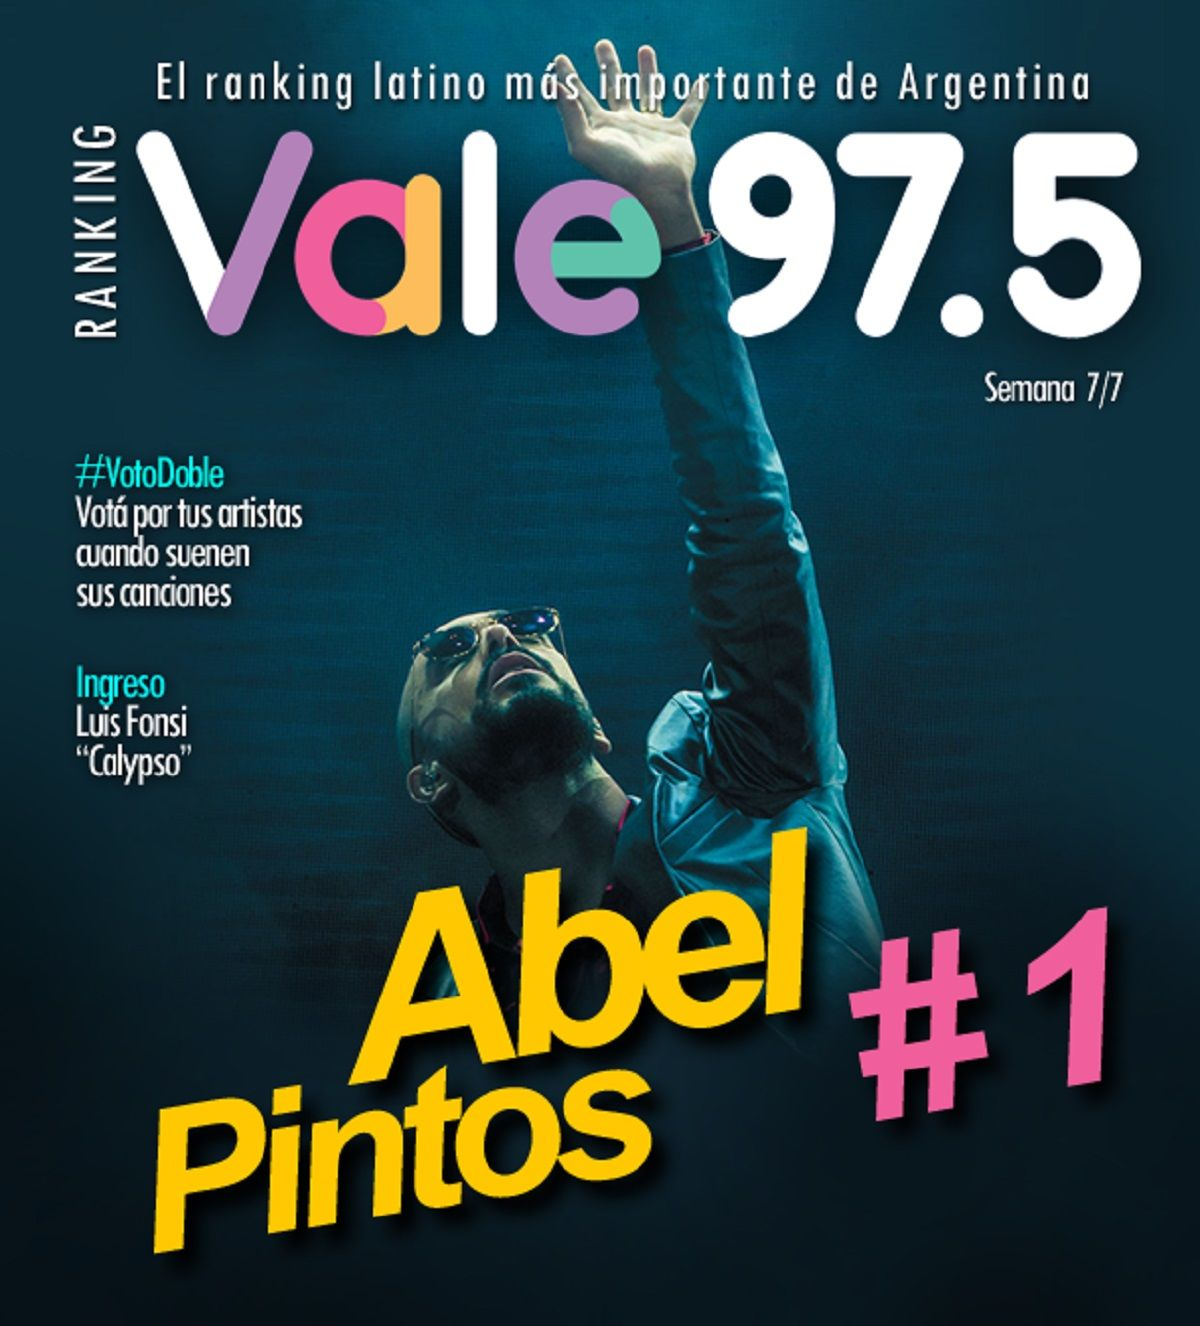 Abel Pintos llegó a lo más alto del Ranking Vale